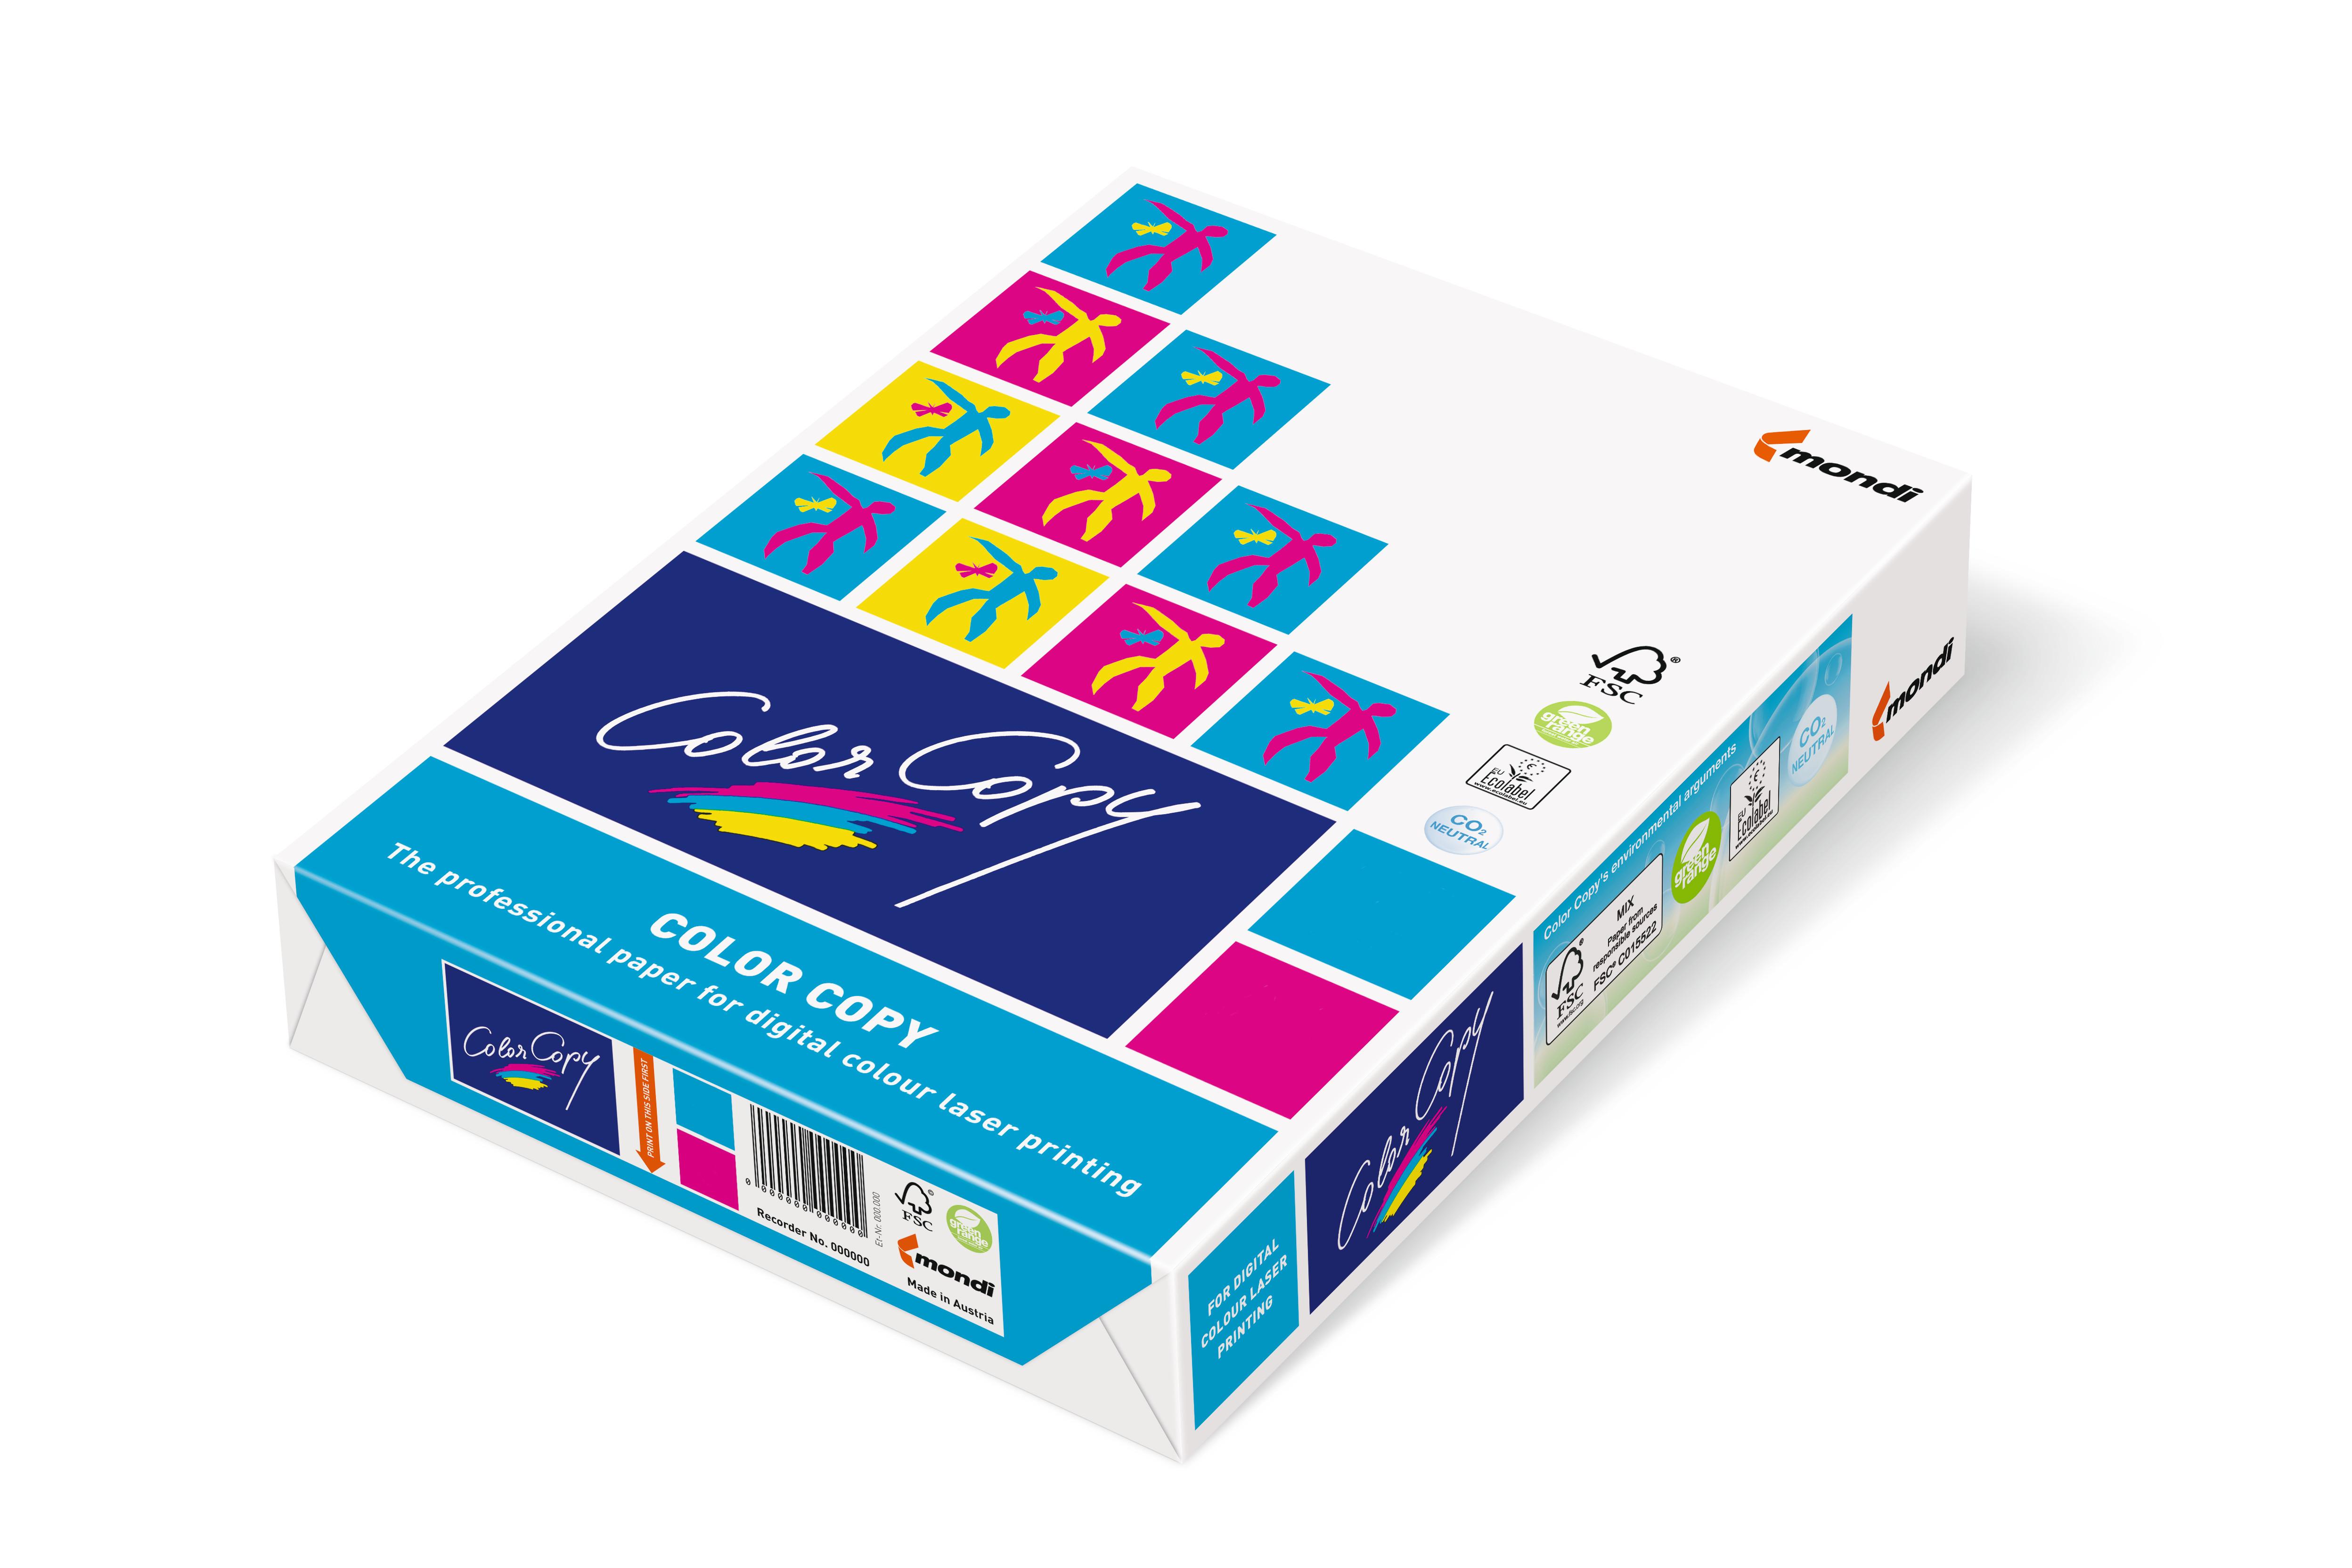 Mondi Color Copy Papier 250g/m² DIN-A3 125 Blatt